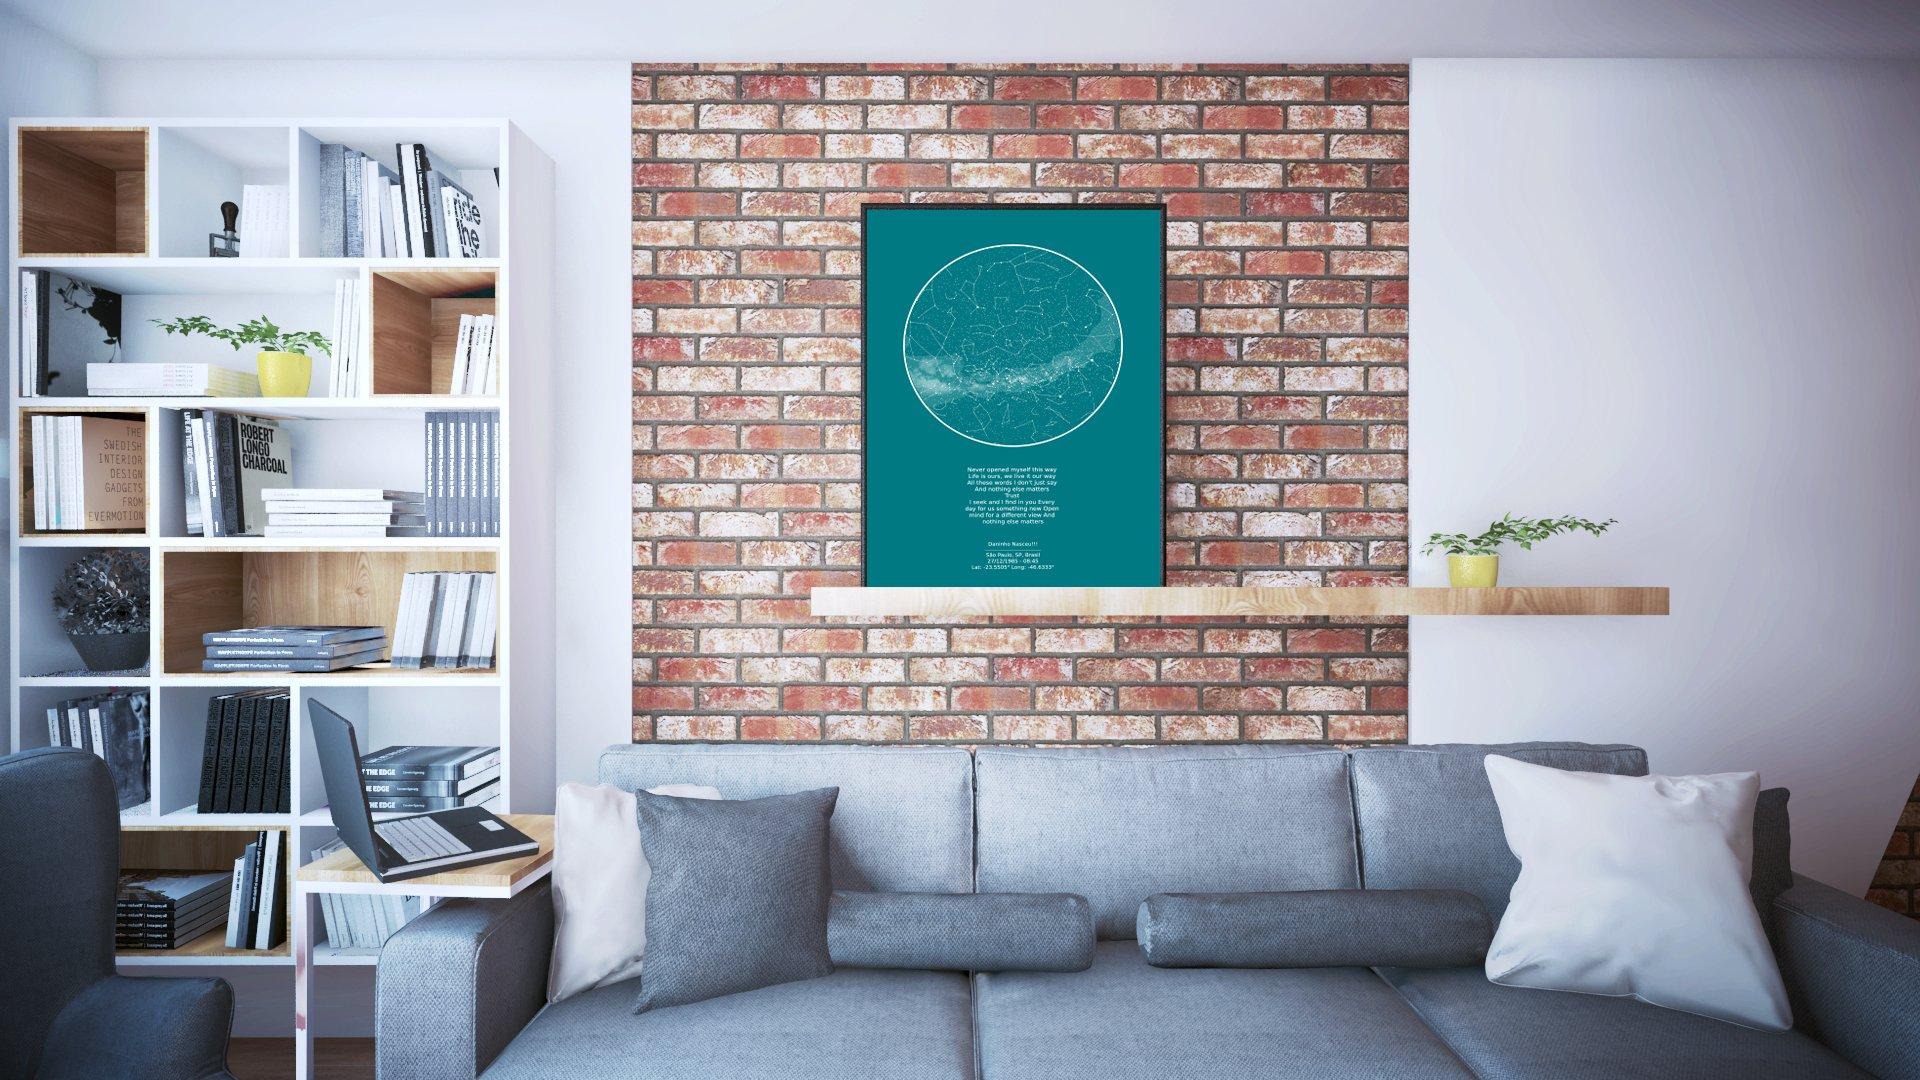 quadro verde do mapa do meu ceu em painel de sala de estar, acima do sofá